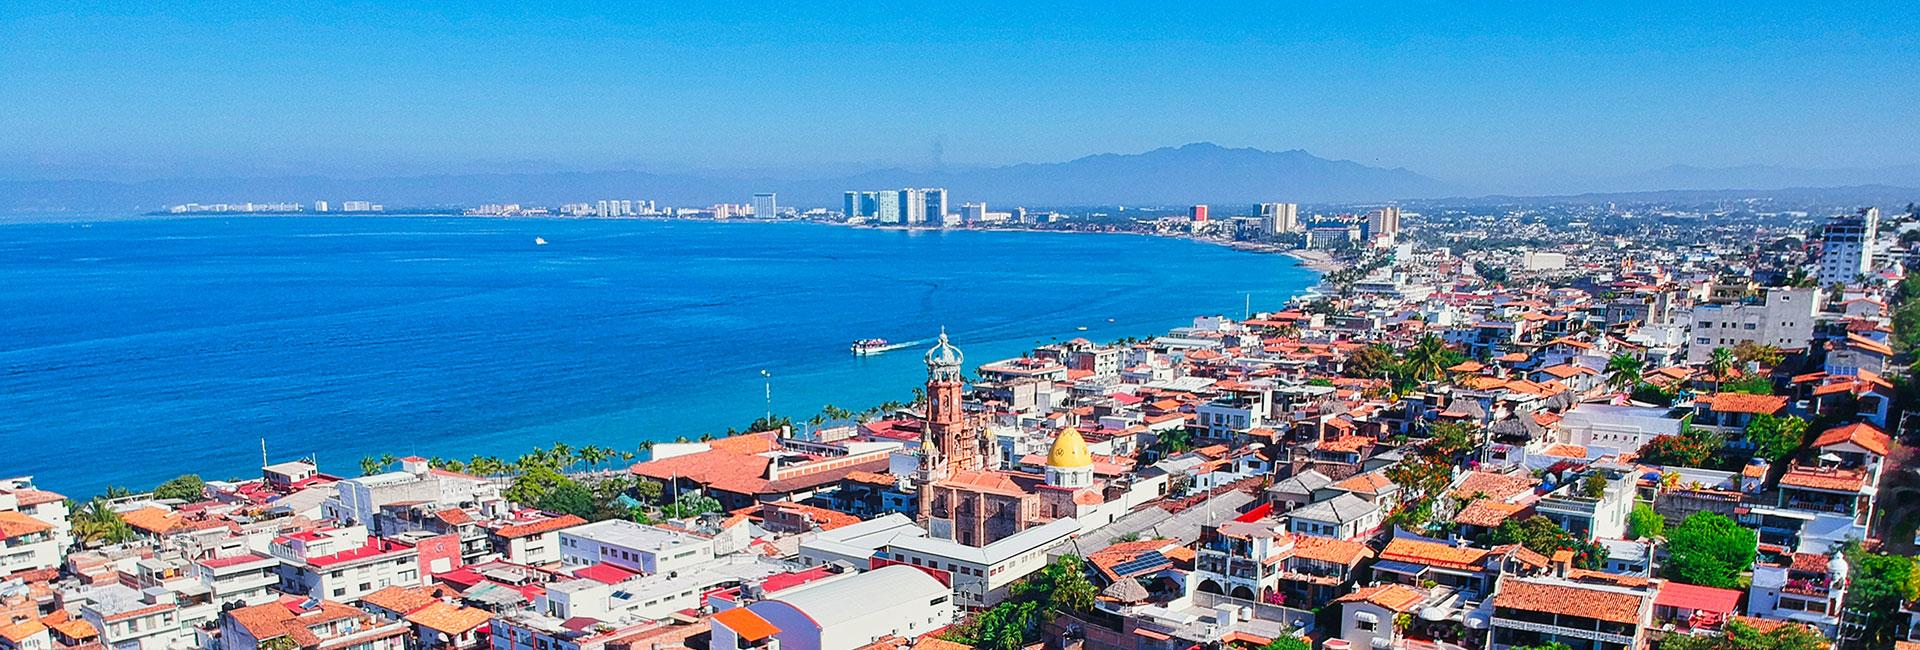 Puerto vallarta mexico aerial view